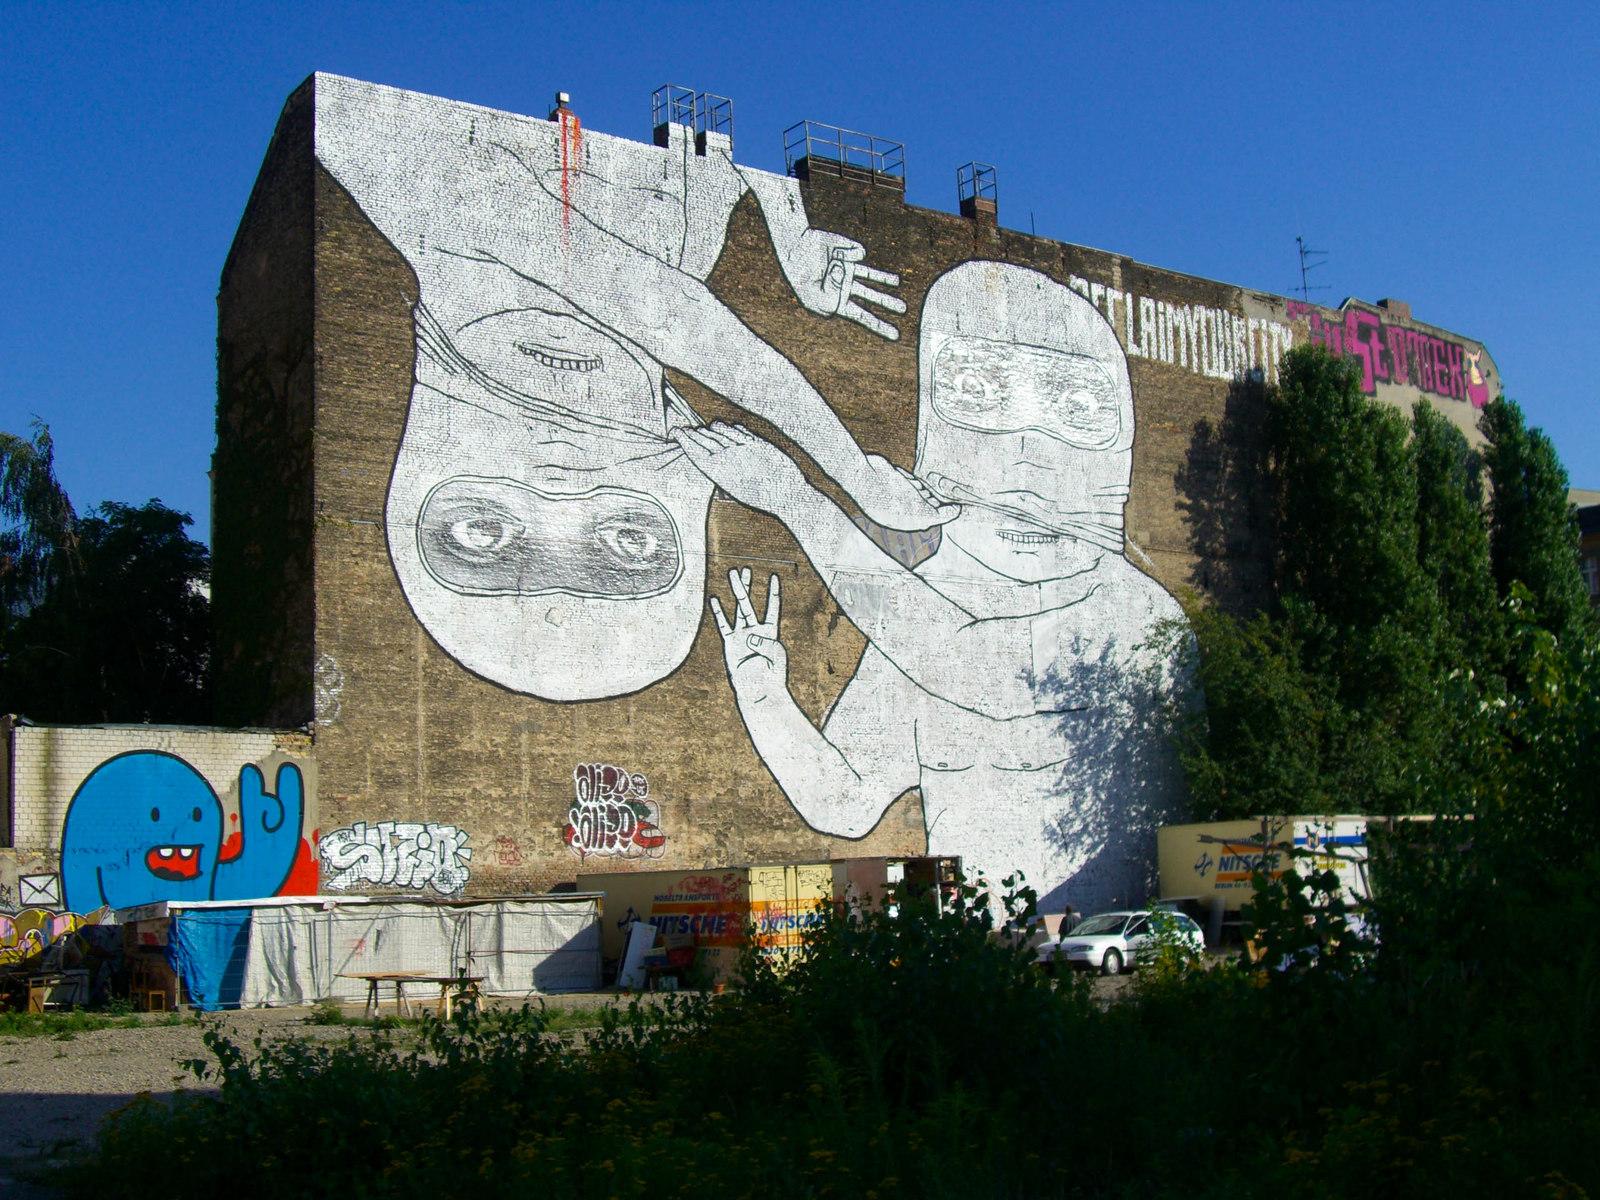 blu murals mit der zeit in berlin (2007 bis 2014)